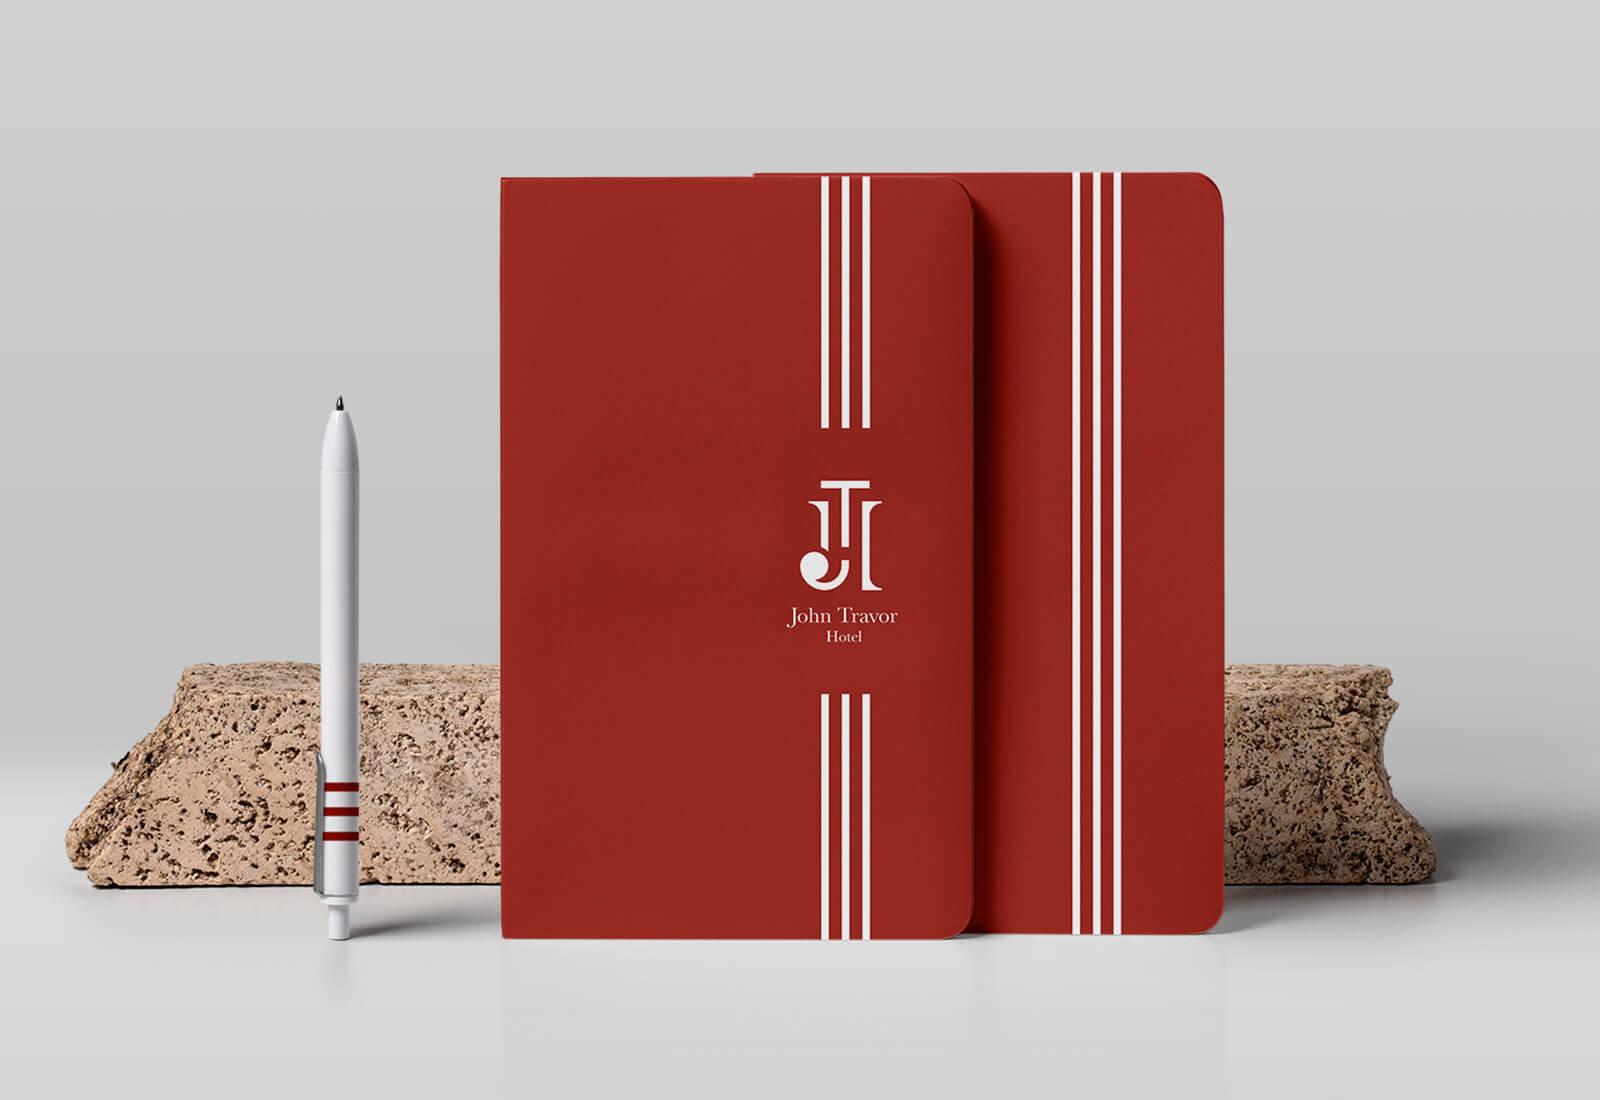 logo e brand identity design di john travor hotel su agenda e penna appoggiati su un marmo beige su sfondo grigio